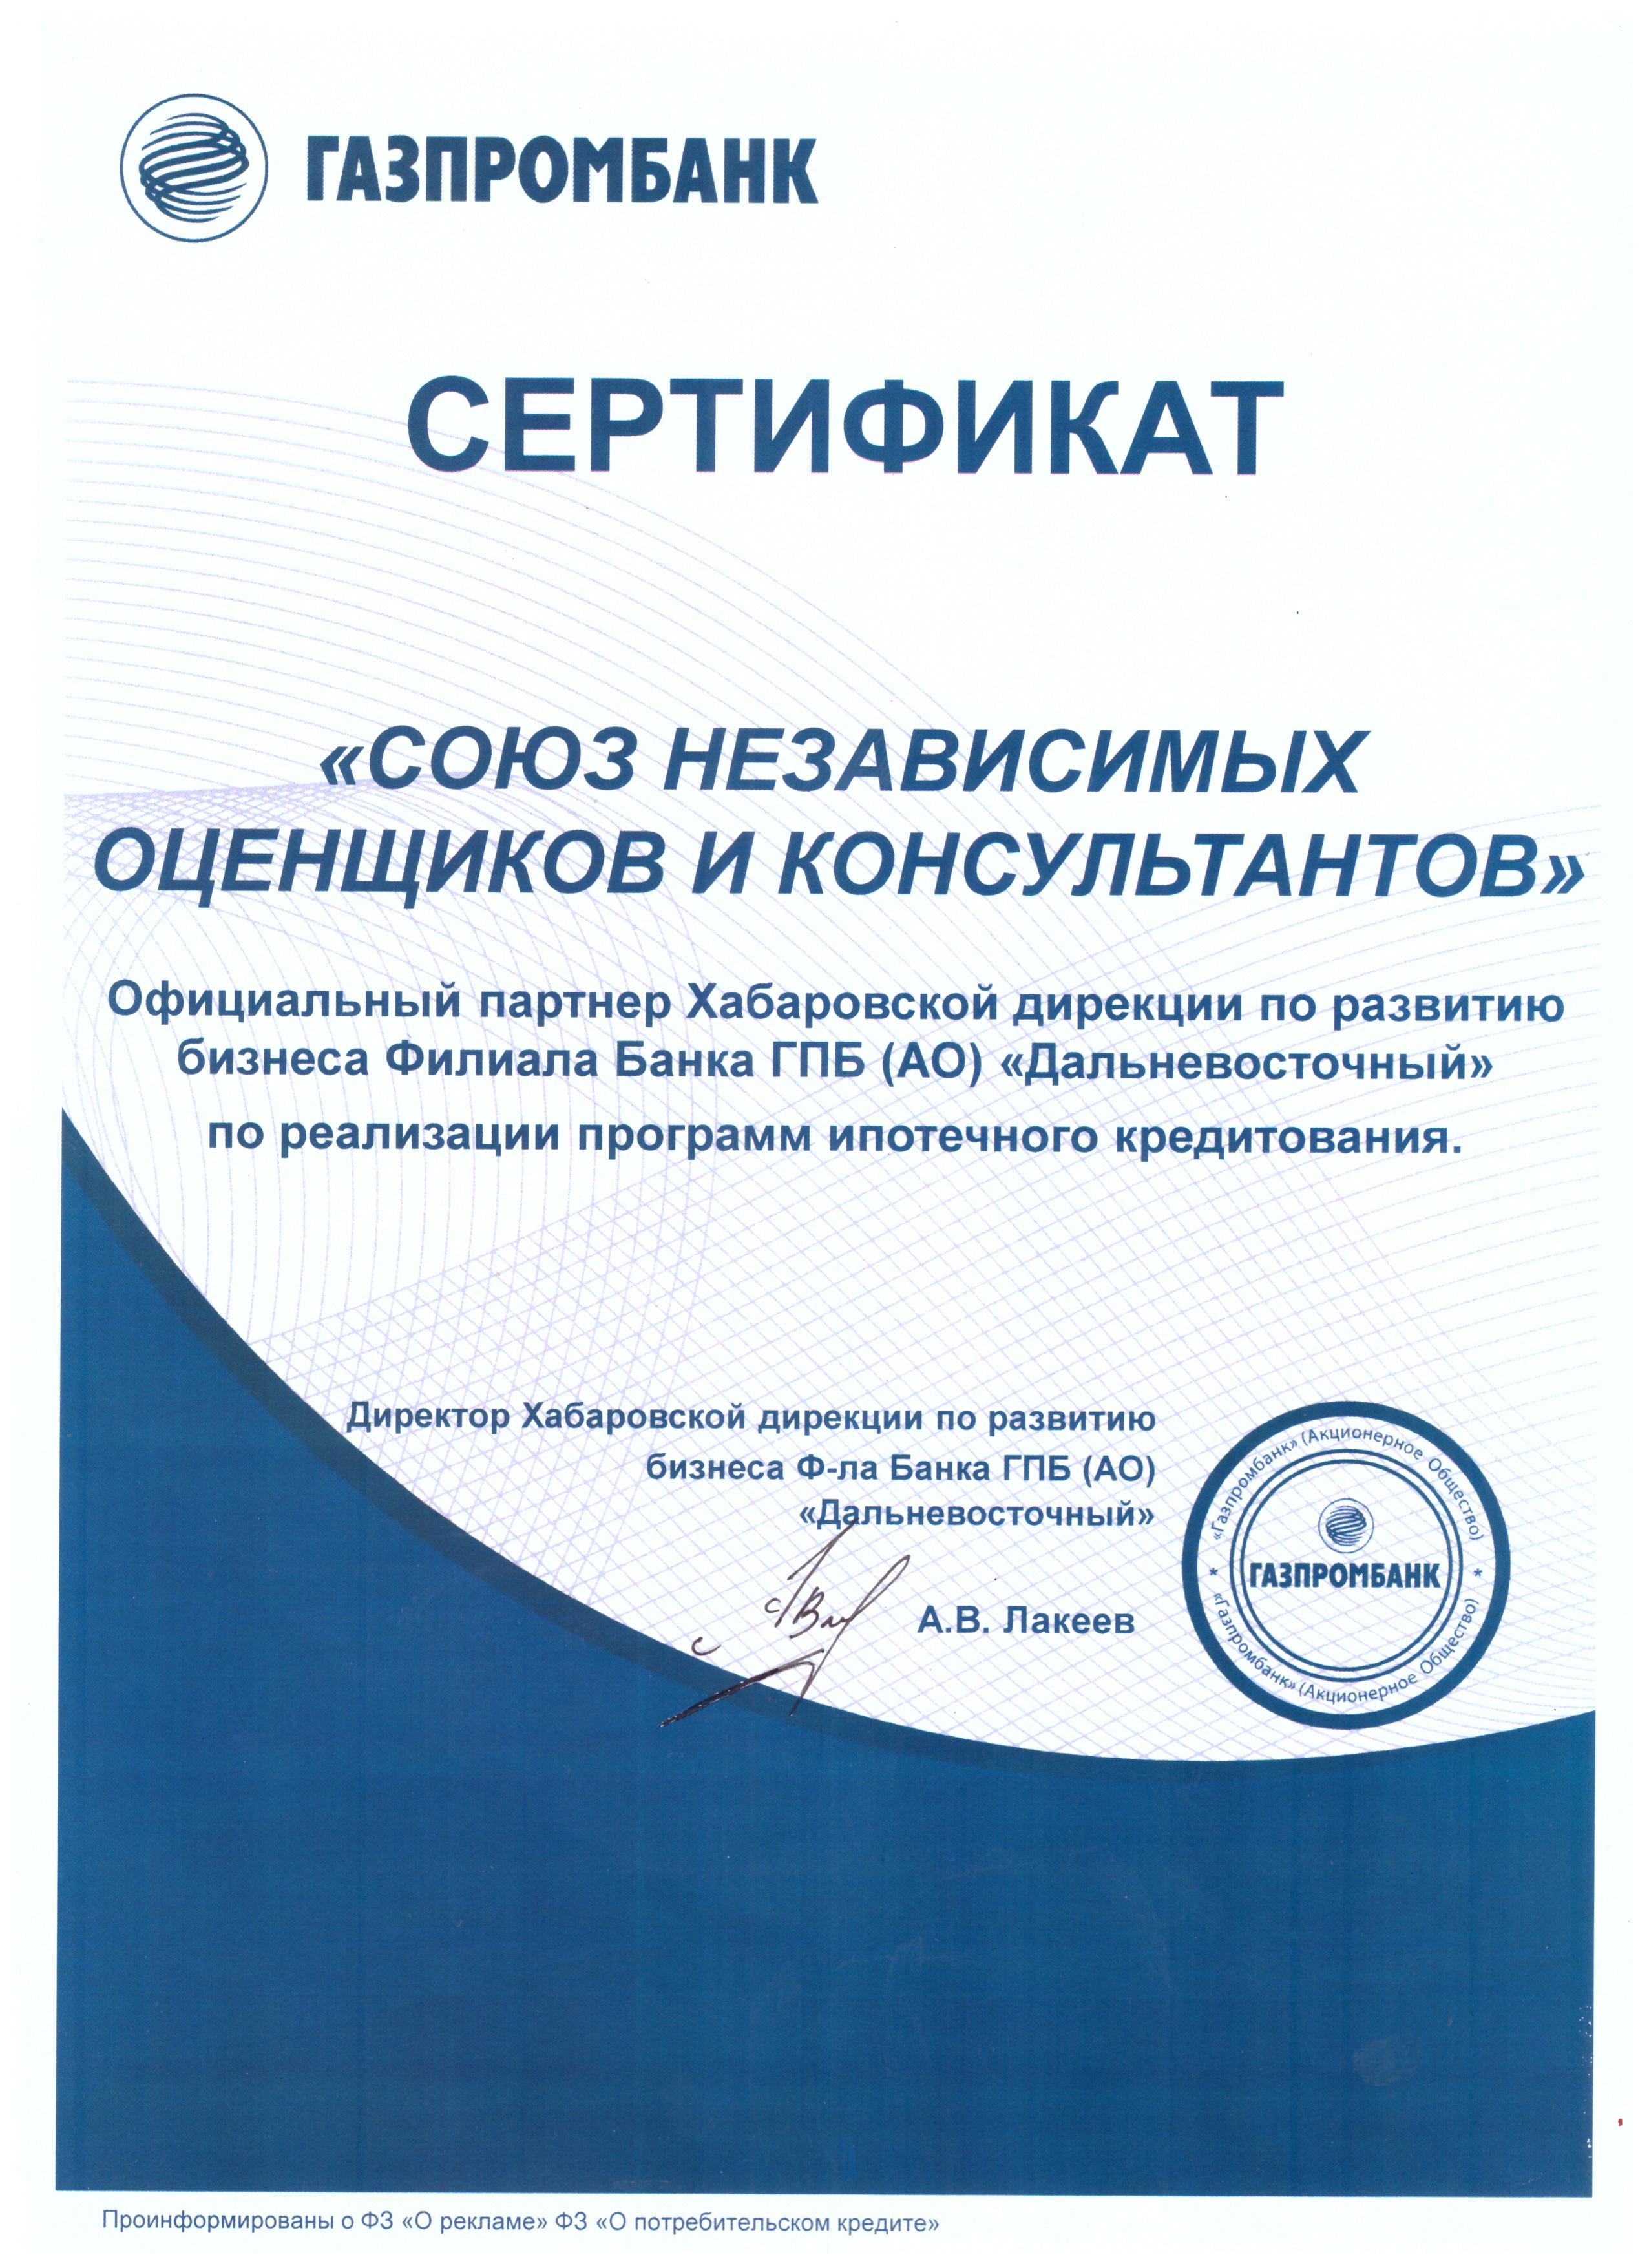 5ba3d038120ab.jpg